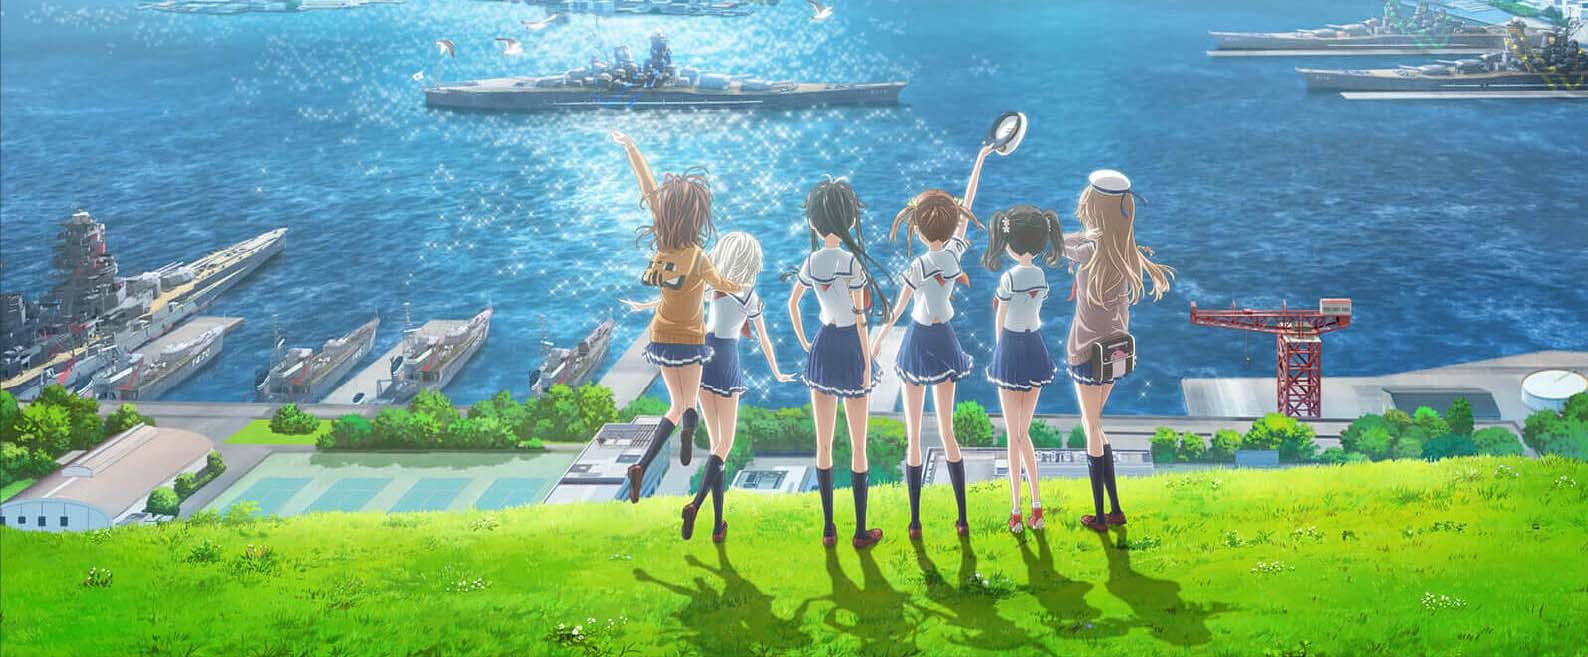 《青春波纹》剧场版PV公开 2020年1月18日上映